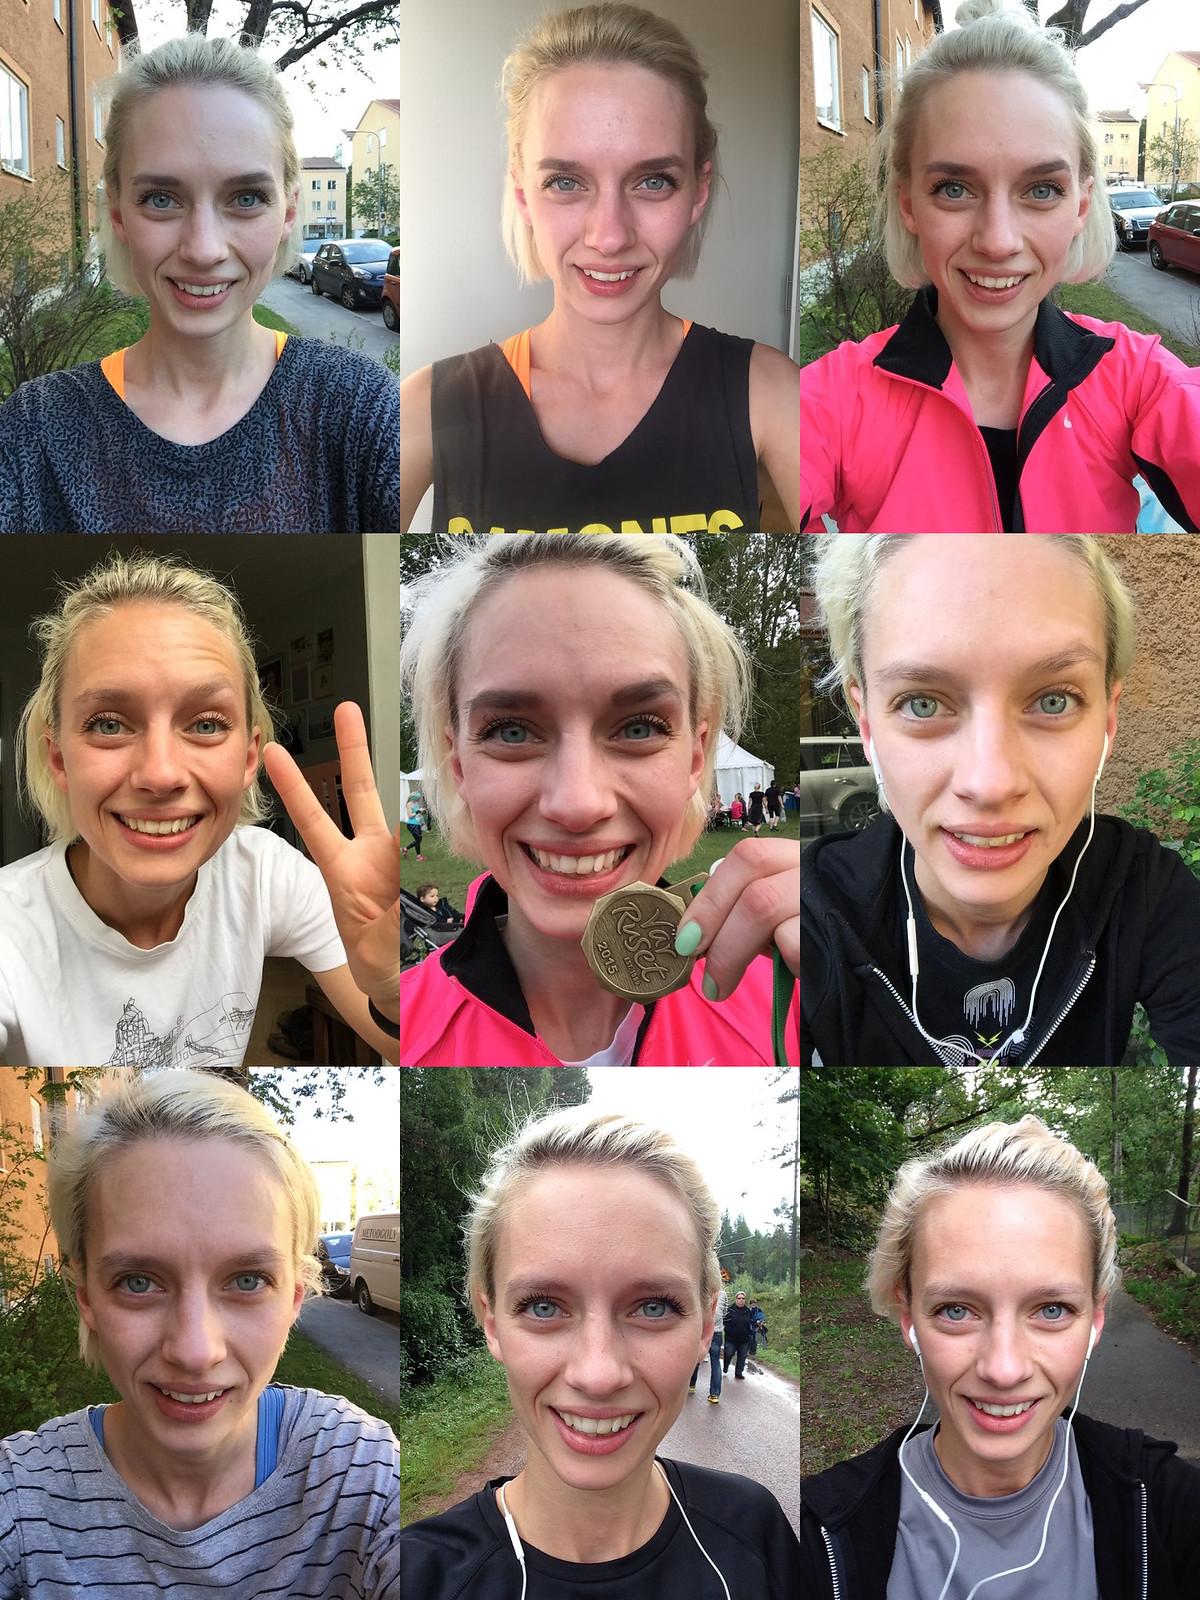 RunKeeper selfies